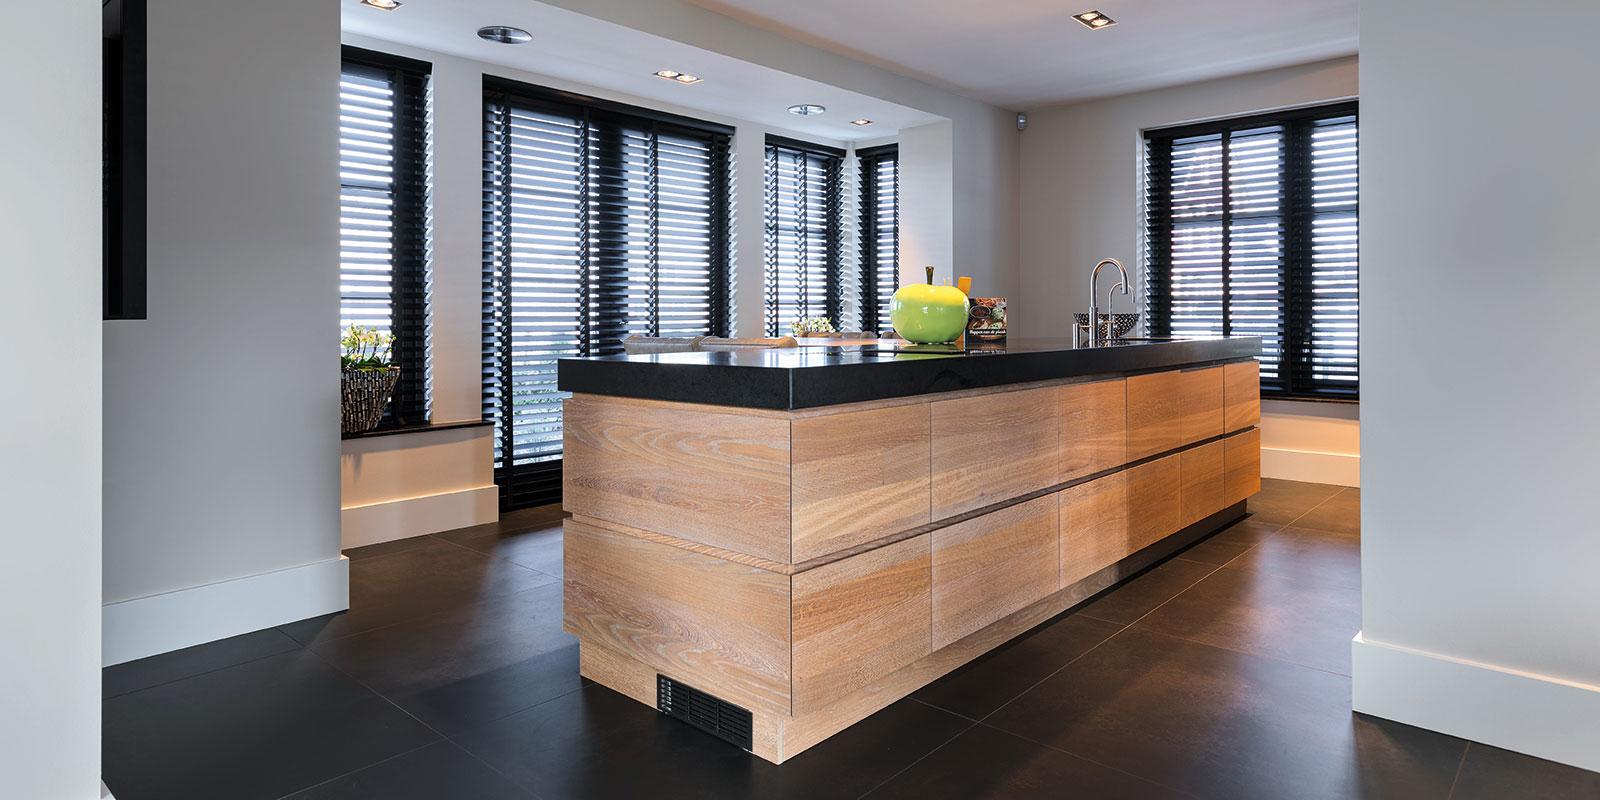 Exclusieve keukens volgens Hollands recept, Kuivenhoven keukens, maatwerk keuken